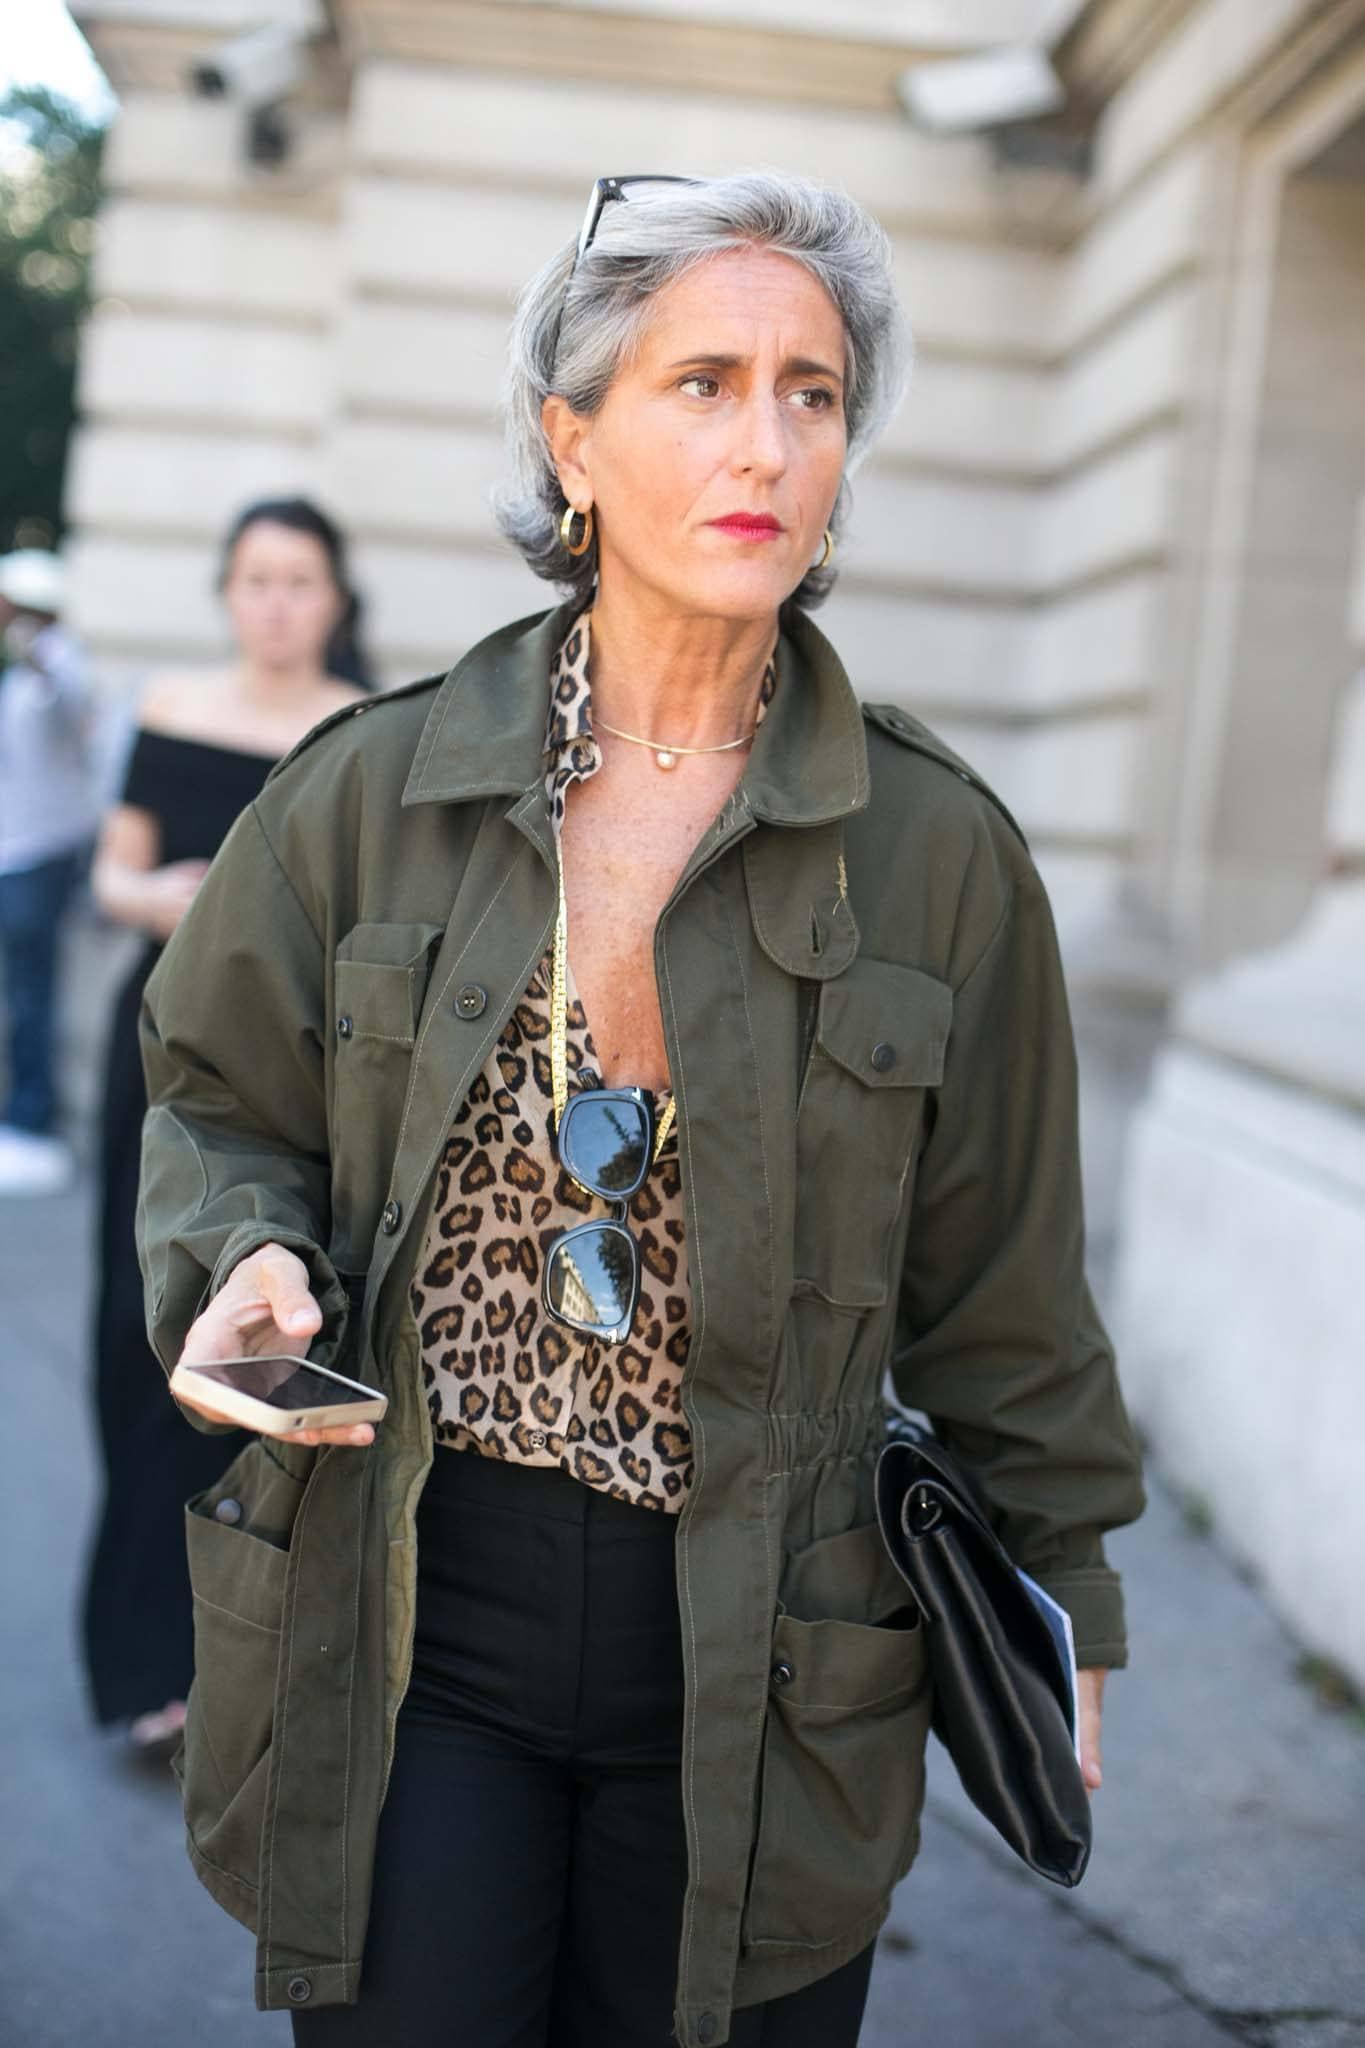 Senior Style Trendsetting Hairstyles For Older Women